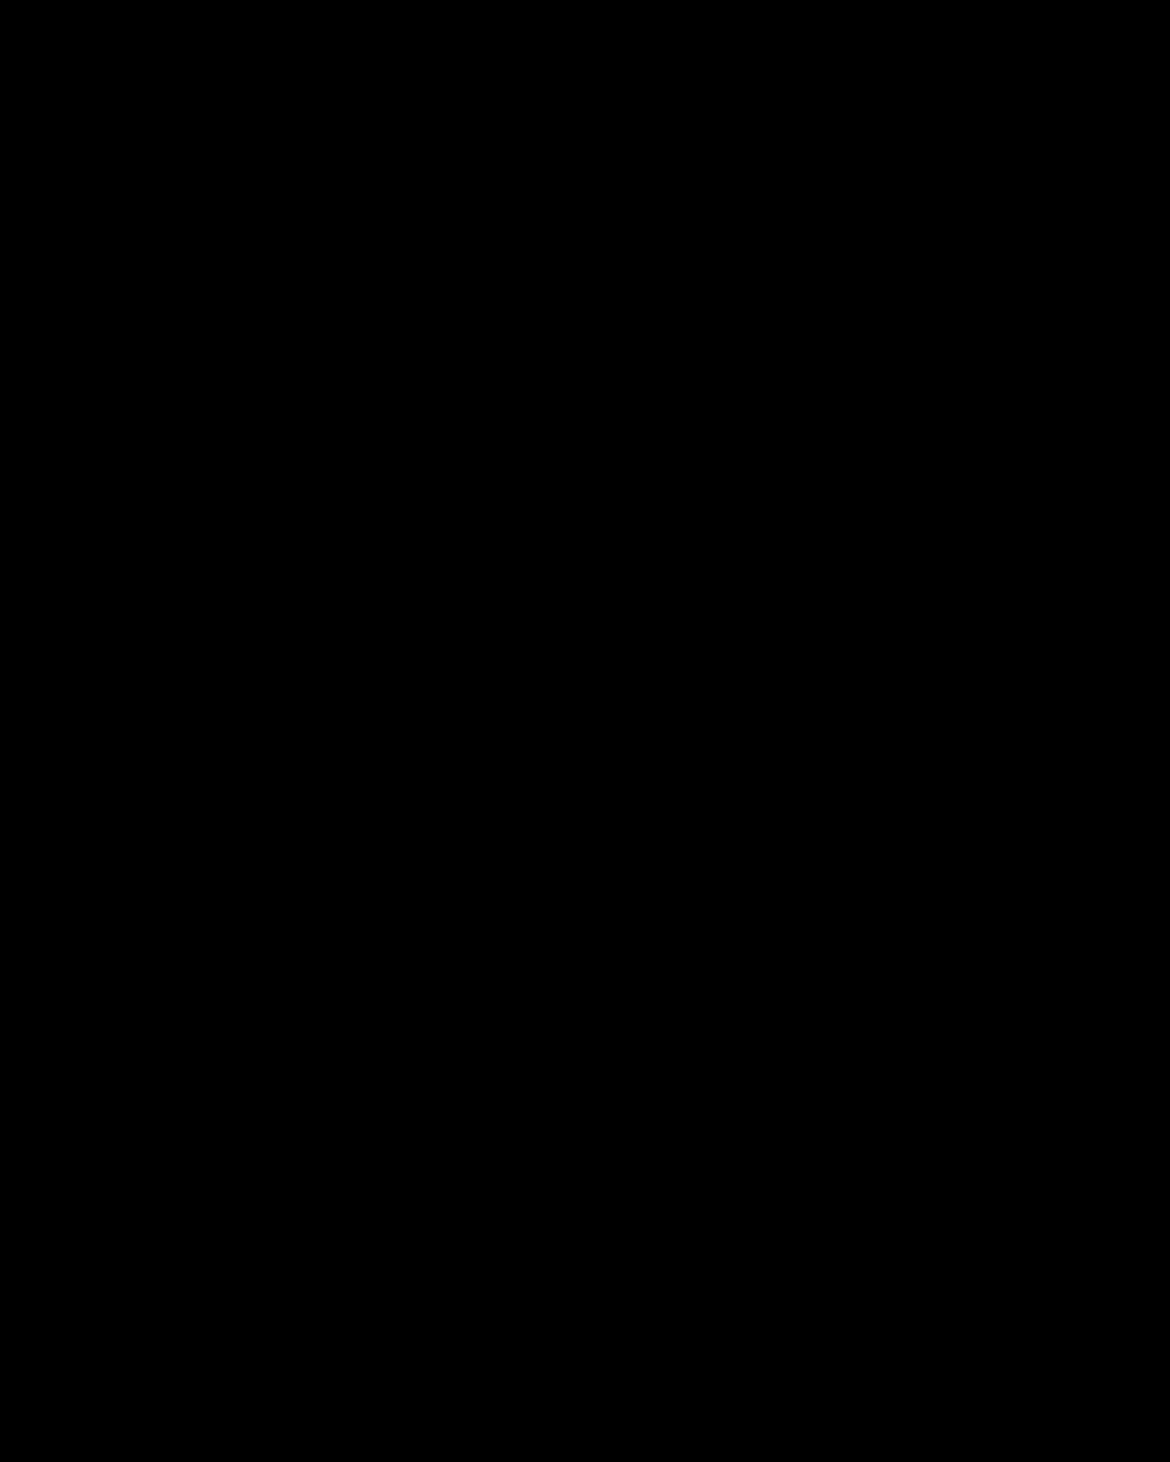 3 giorni a Taormina: cosa vedere, dove dormire e mangiare by Laura Comolli - Belmond Villa Sant'Andrea